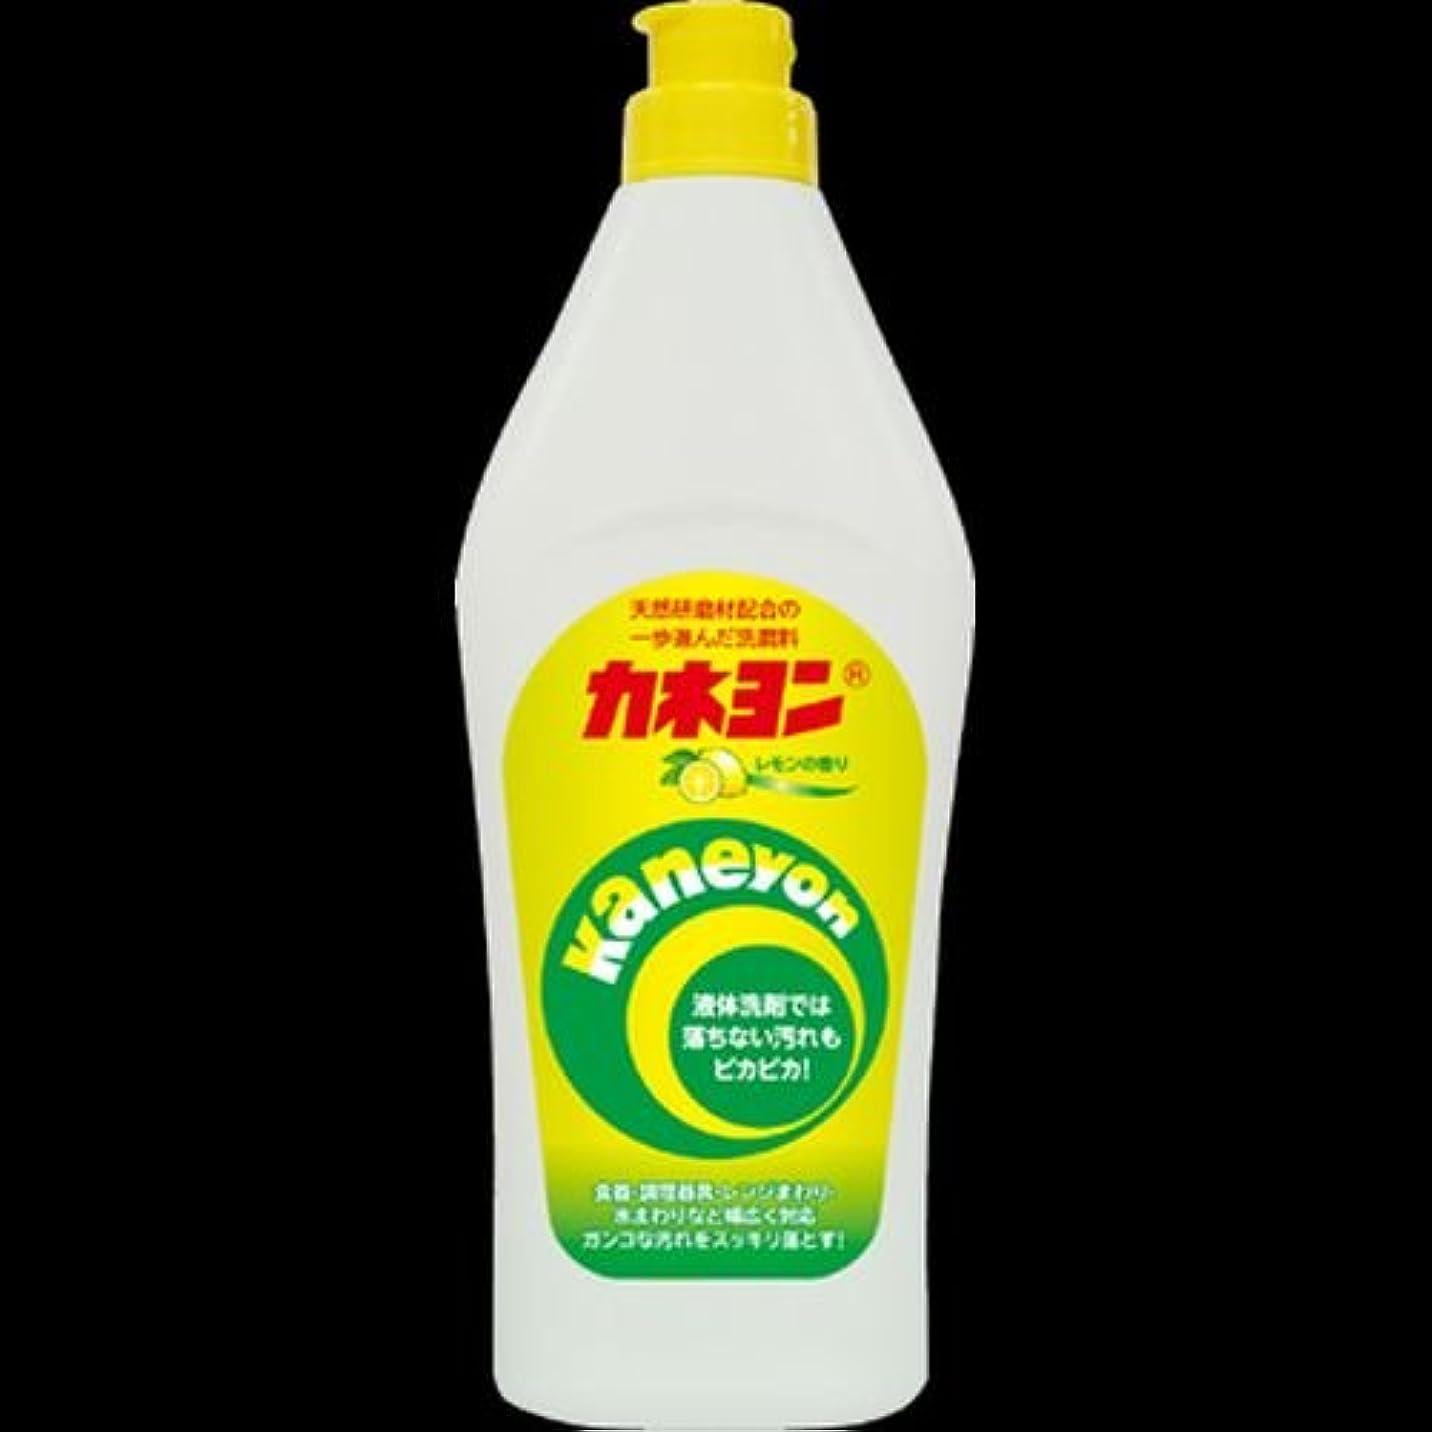 シャッフルファセット証言【まとめ買い】カネヨ石鹸 カネヨンレモン 550g ×2セット